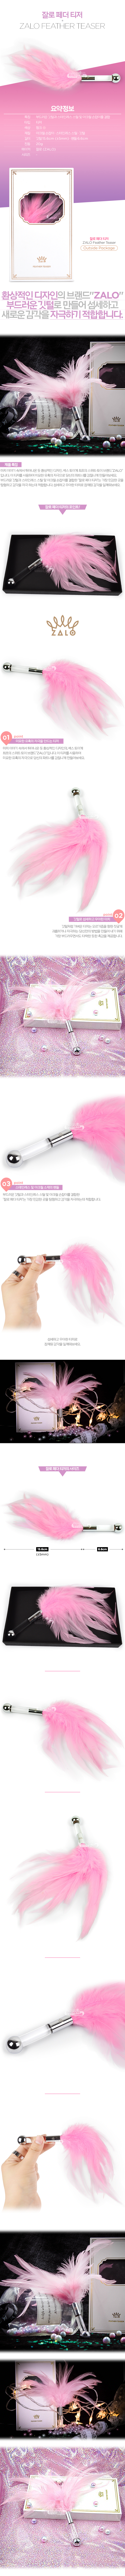 [깃털 자극] 잘로 페더 티저 (ZALO Feather Teaser) (F00001) (ZAO)